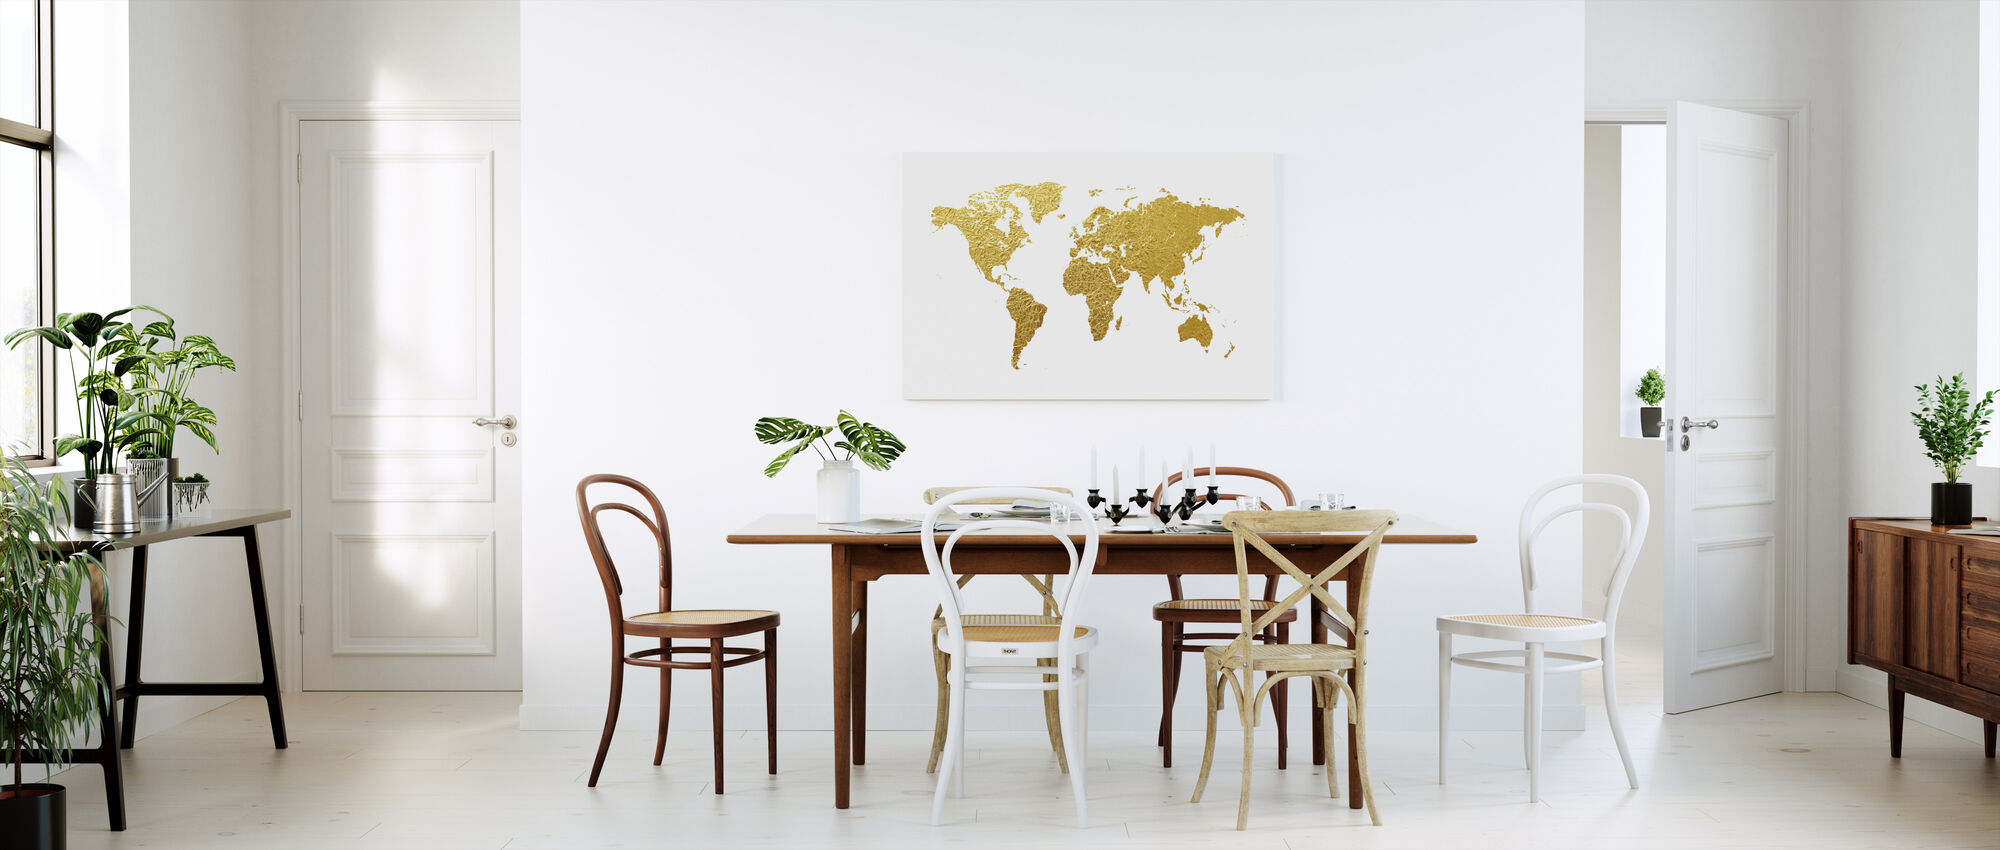 Carte du monde Gold - Impression sur toile - Cuisine